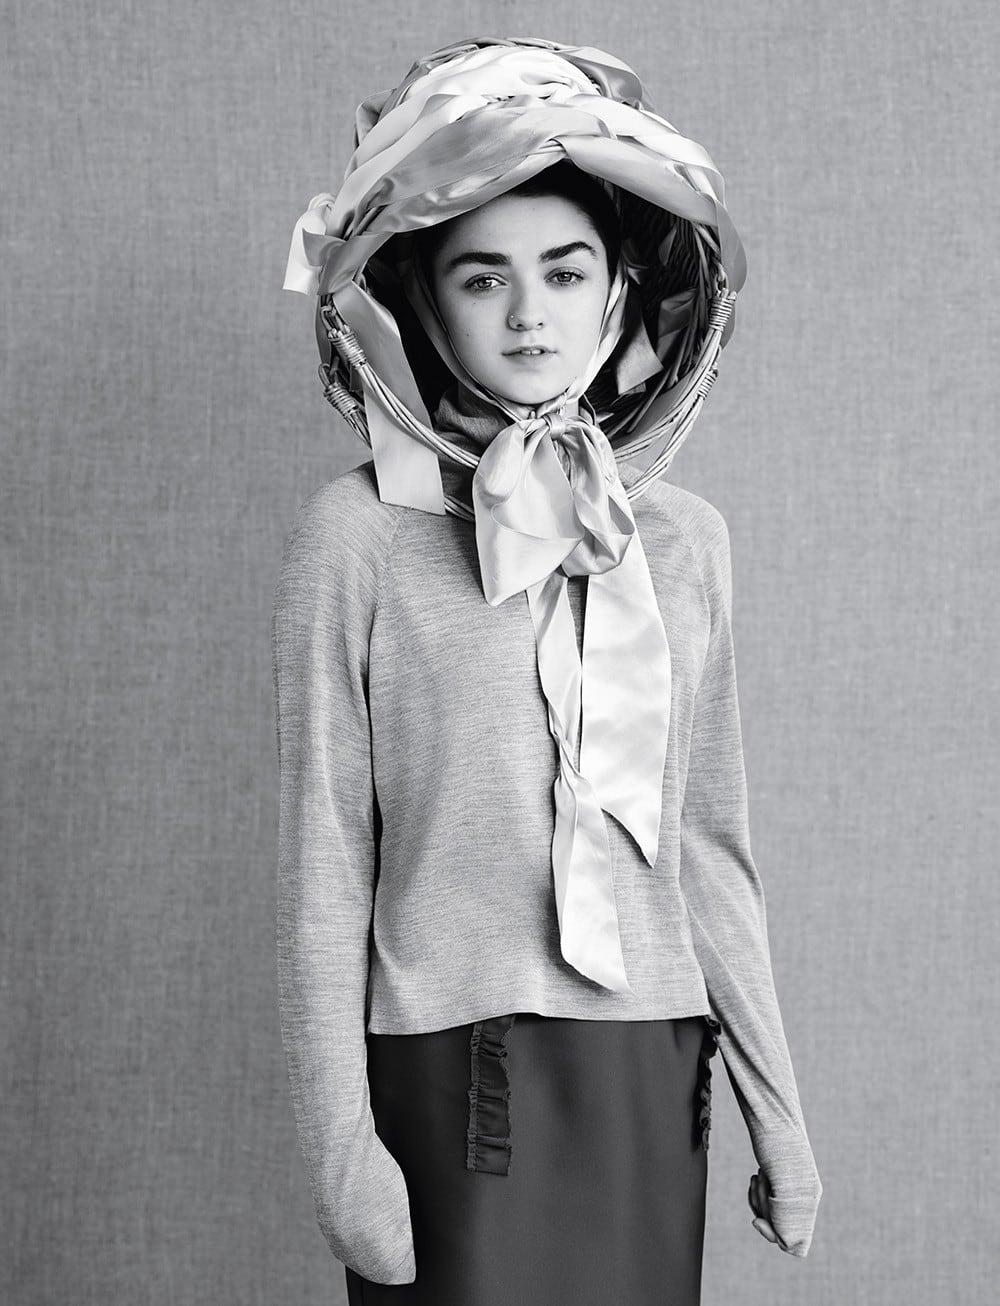 Maisie-Williams-Dazed-Confused-Magazine-2015-6